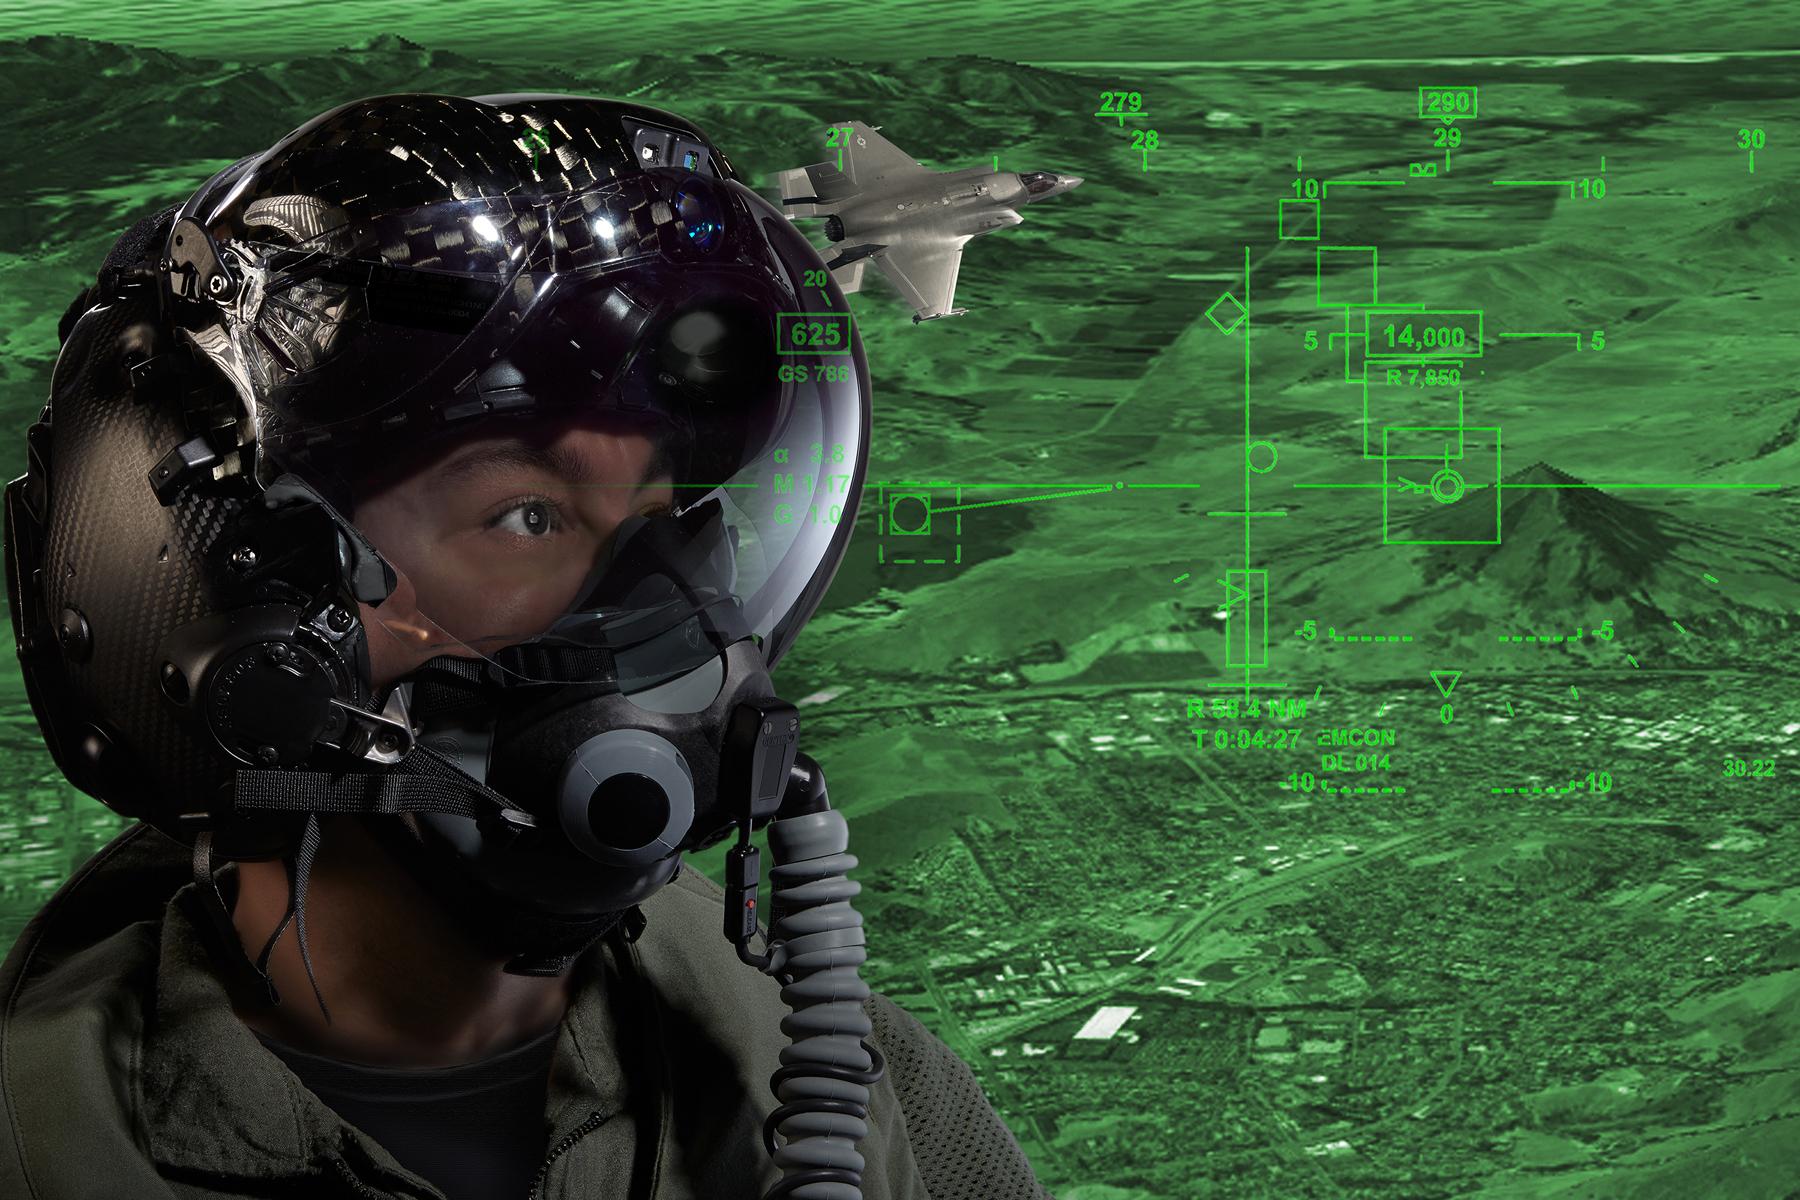 JSF_helmet_F35-GEN_III.jpg?w=1800